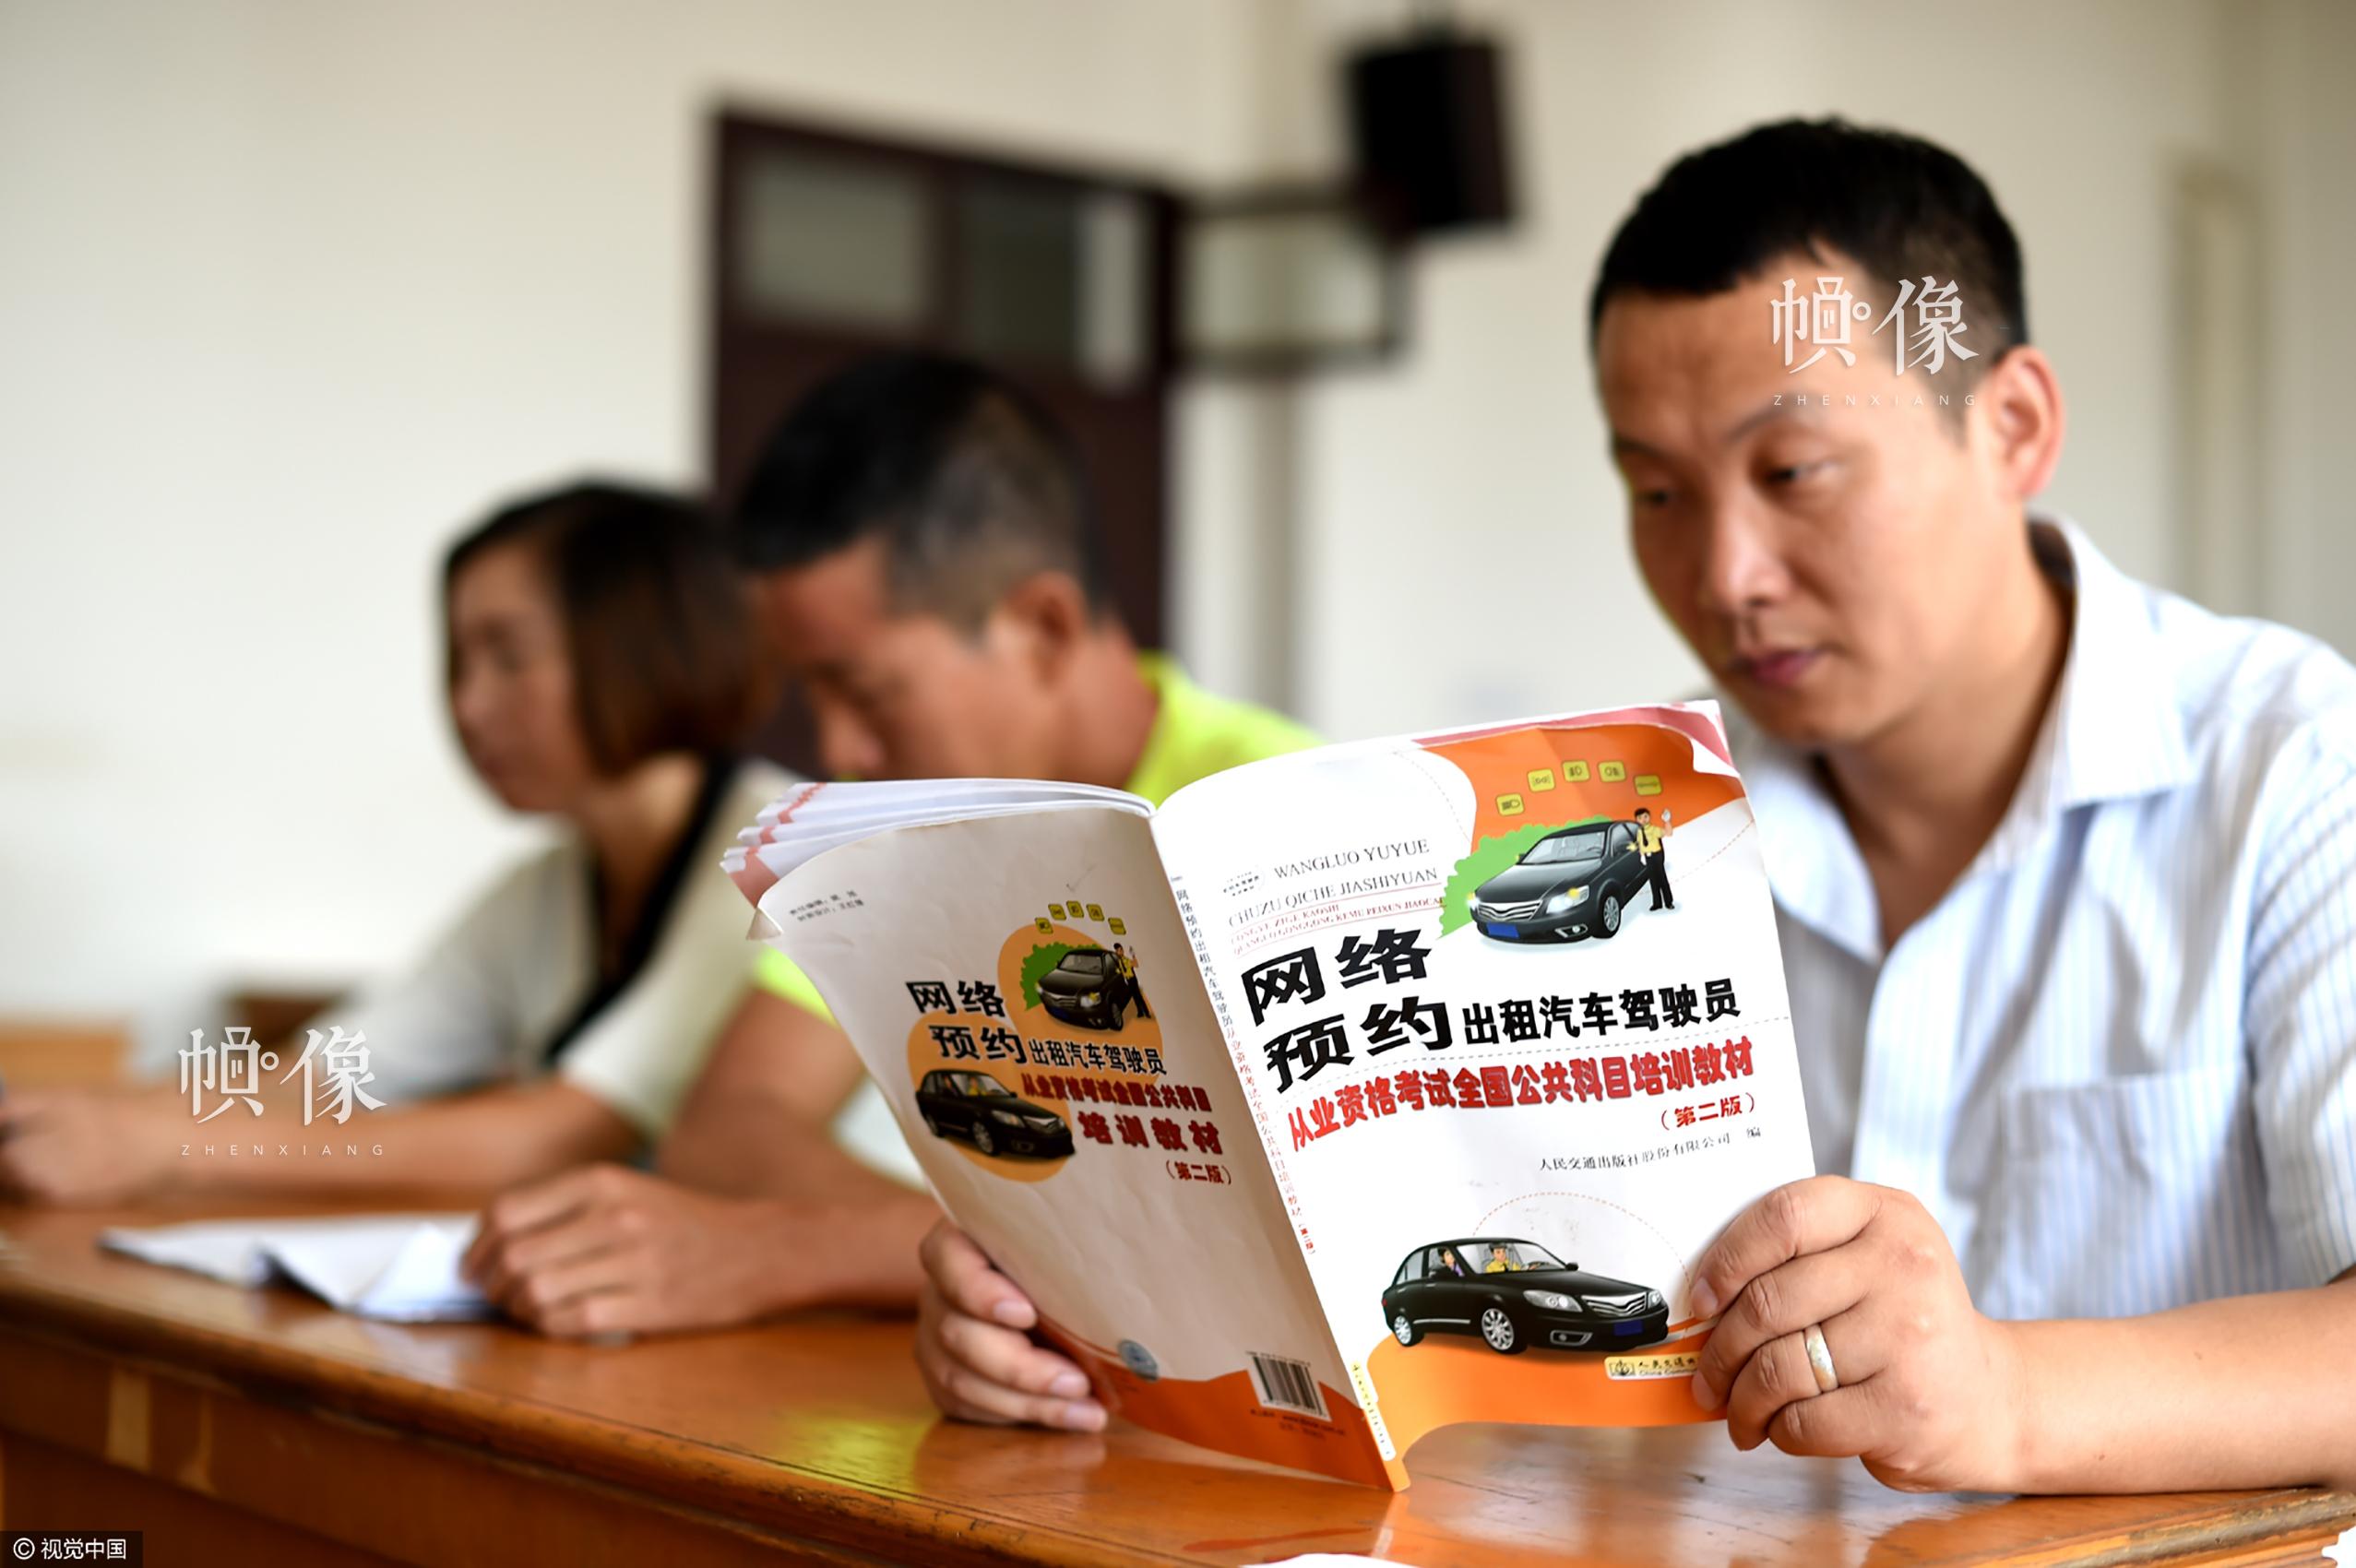 7月11日,义乌市恒风职业培训学校,驾驶员参加网约车从业资格证学习培训。龚献明/视觉中国